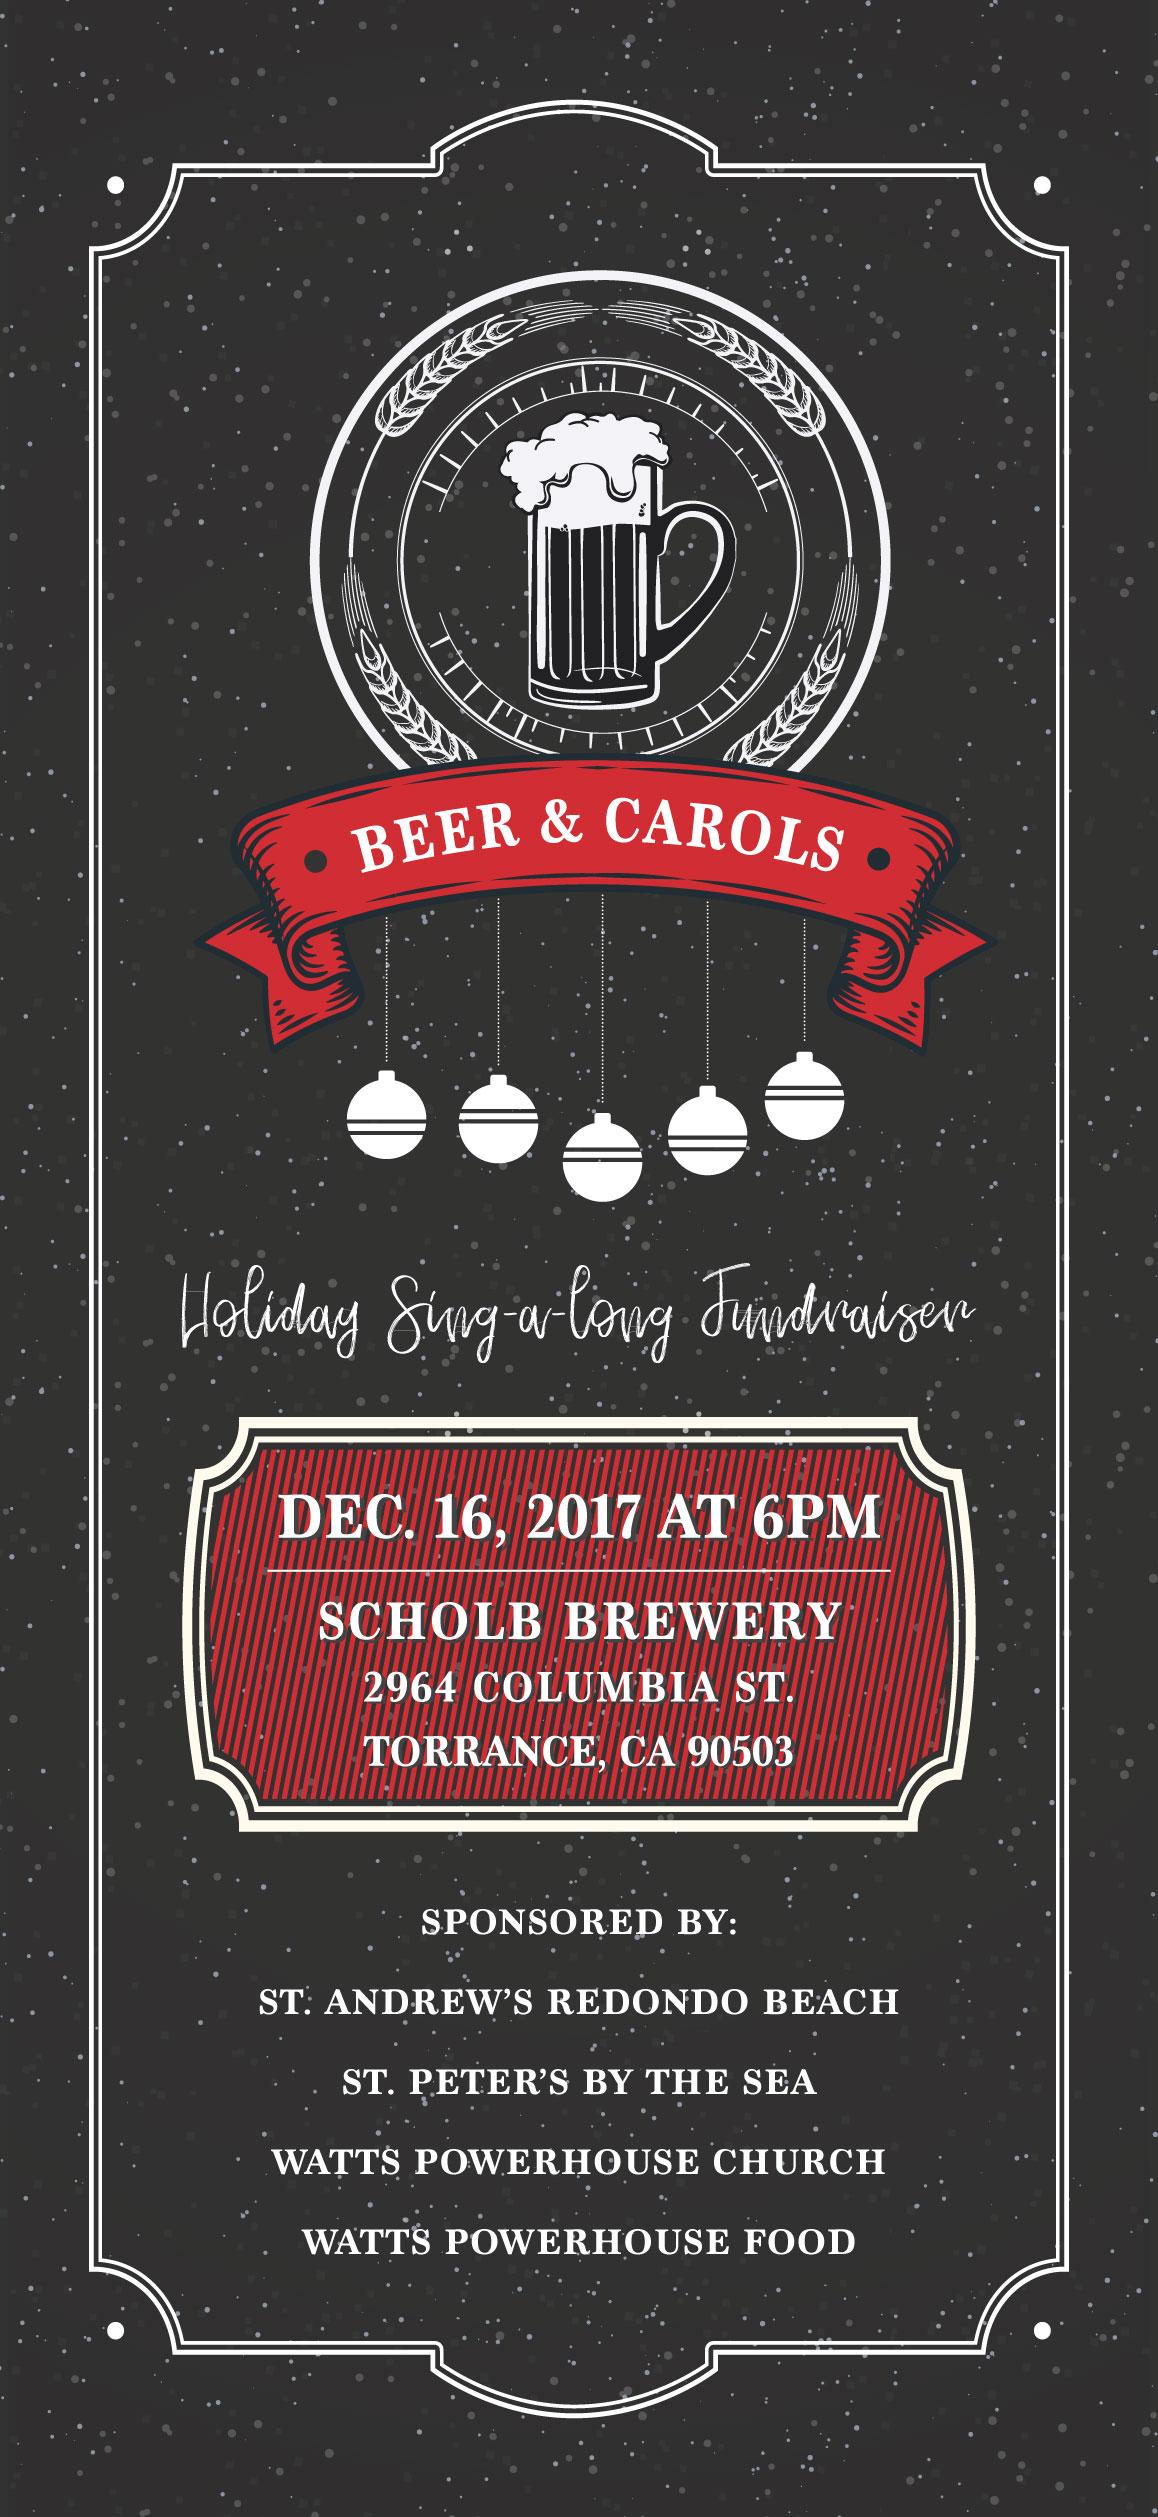 Beer & Carols (rack card).jpg